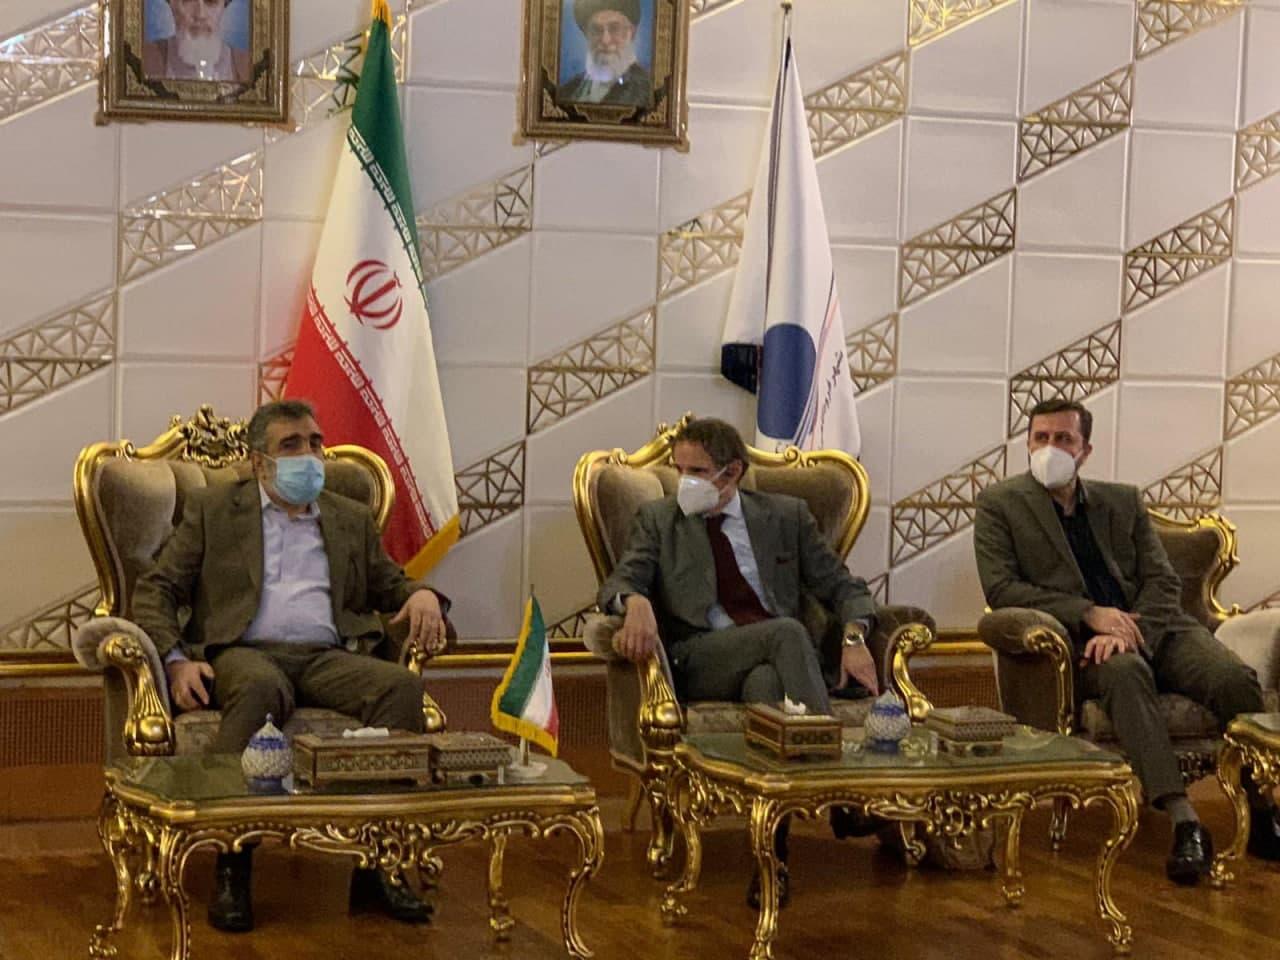 ورود مدیر کل آژانس انرژی اتمی به تهران (عکس)